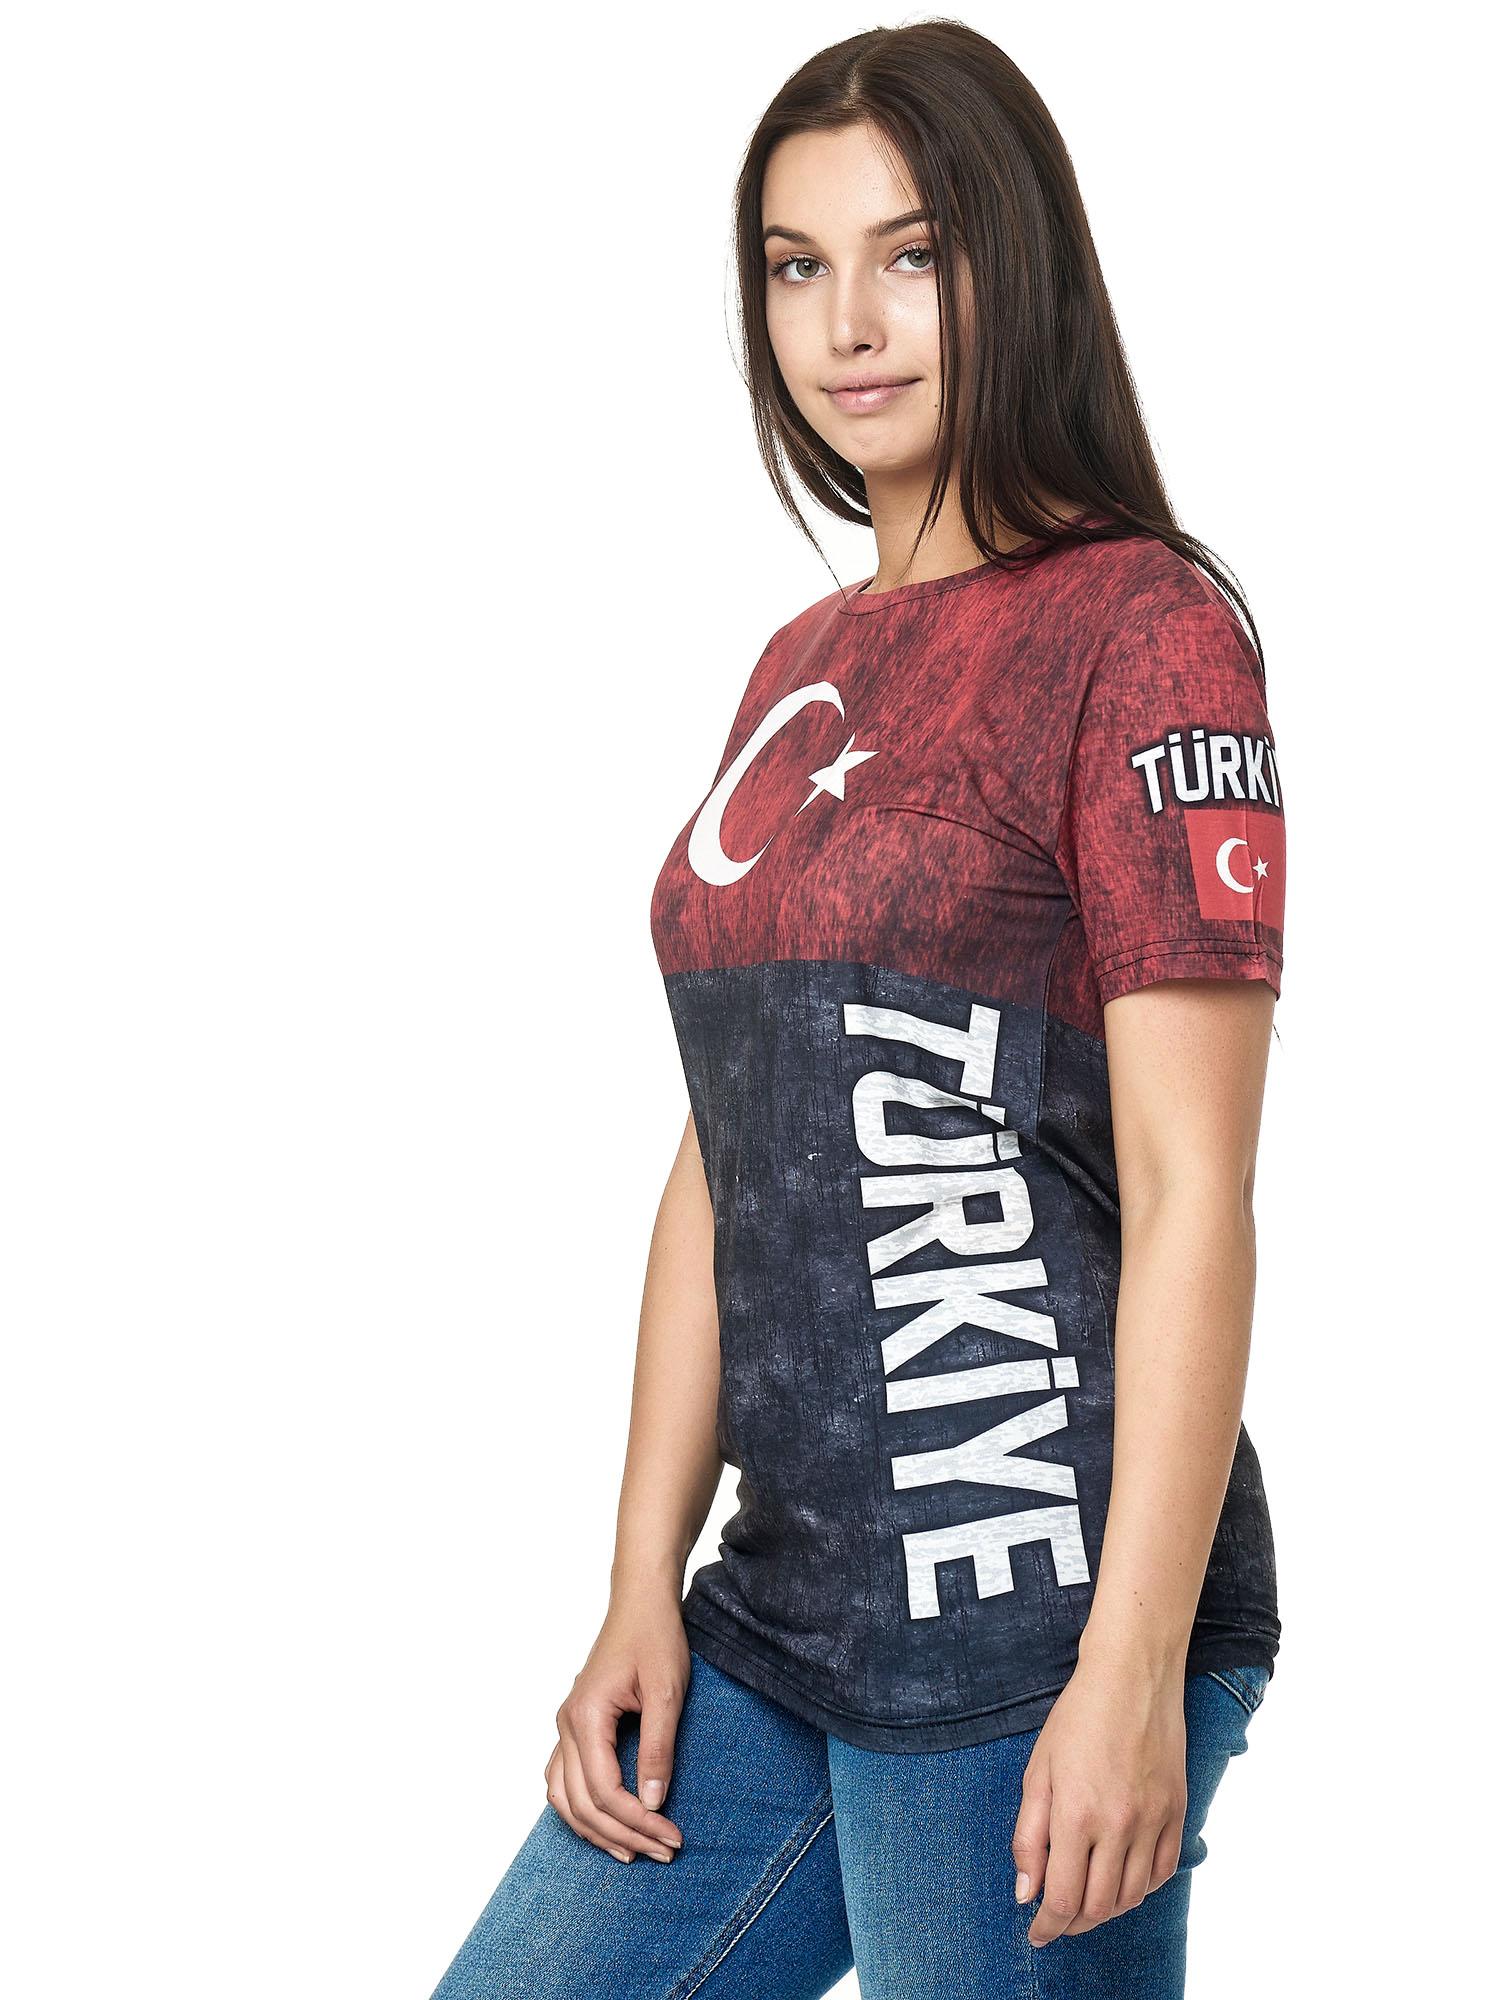 Paesi-da-Donna-T-shirt-A-Maniche-Corte-Girocollo-donne-CALCIO-Fanshirt-John-Kayna miniatura 112